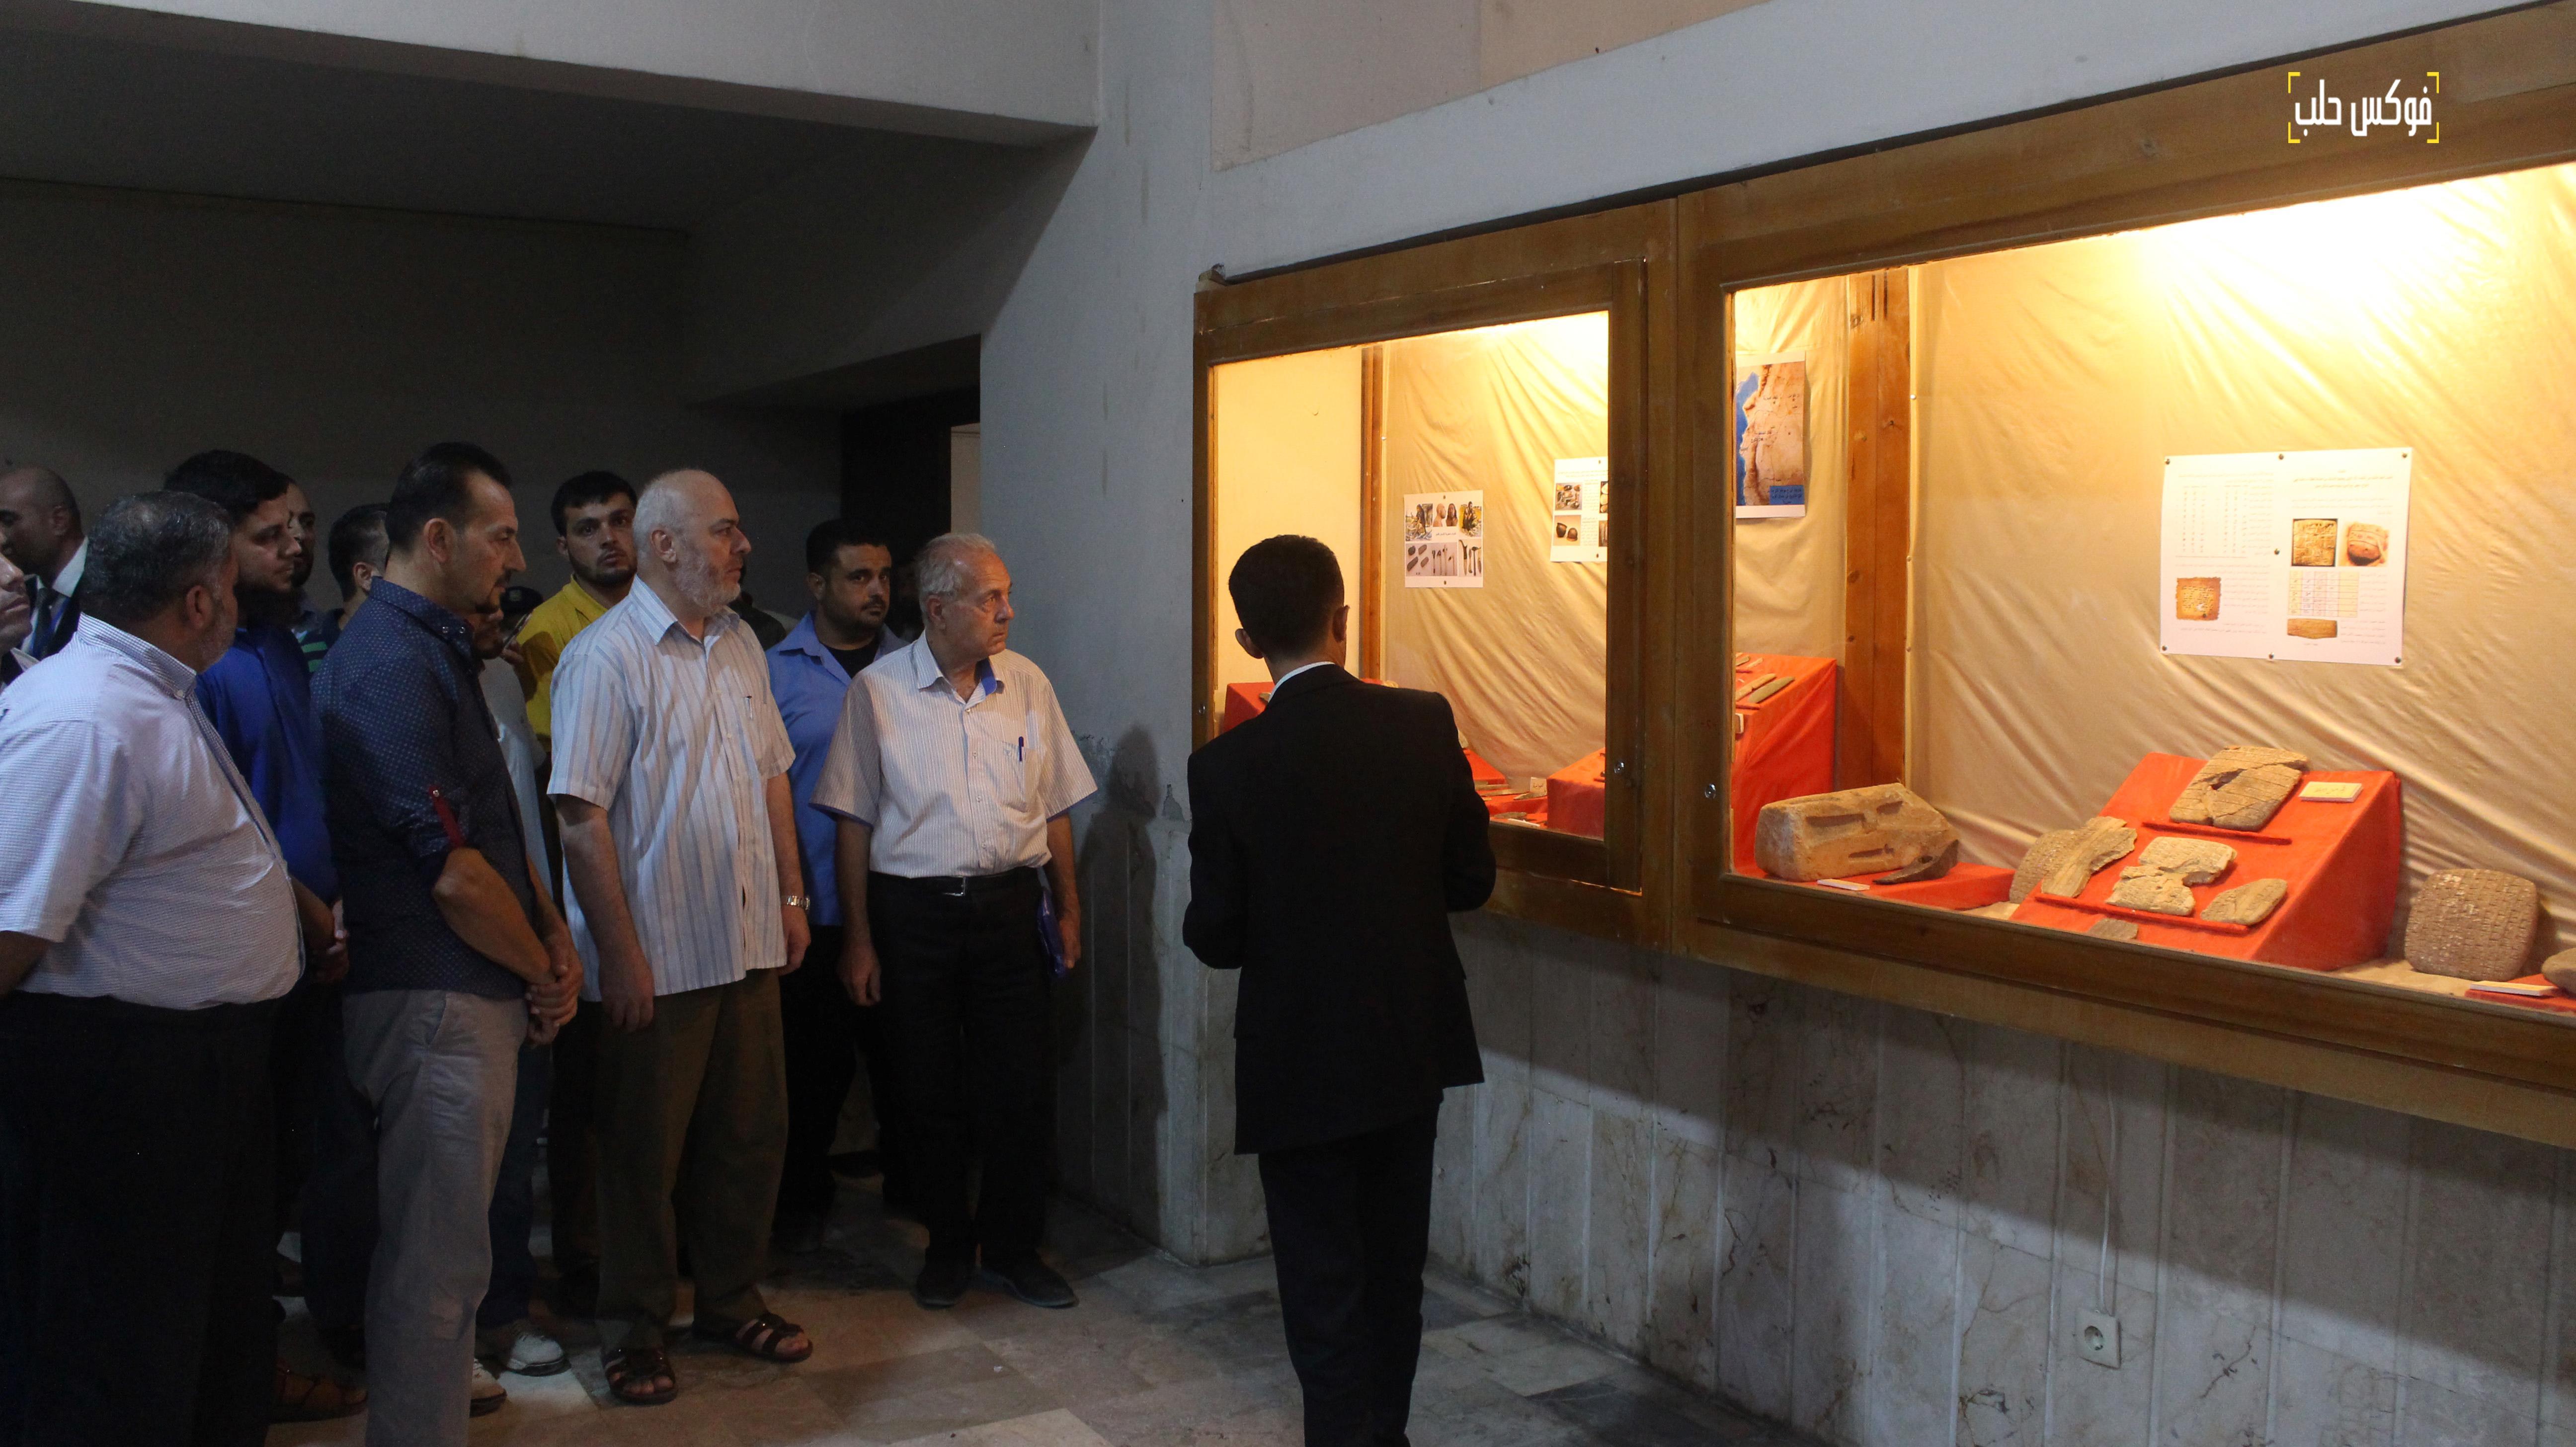 أثناء جولة أحد القائمين على المتحف مع السادة الزوار.